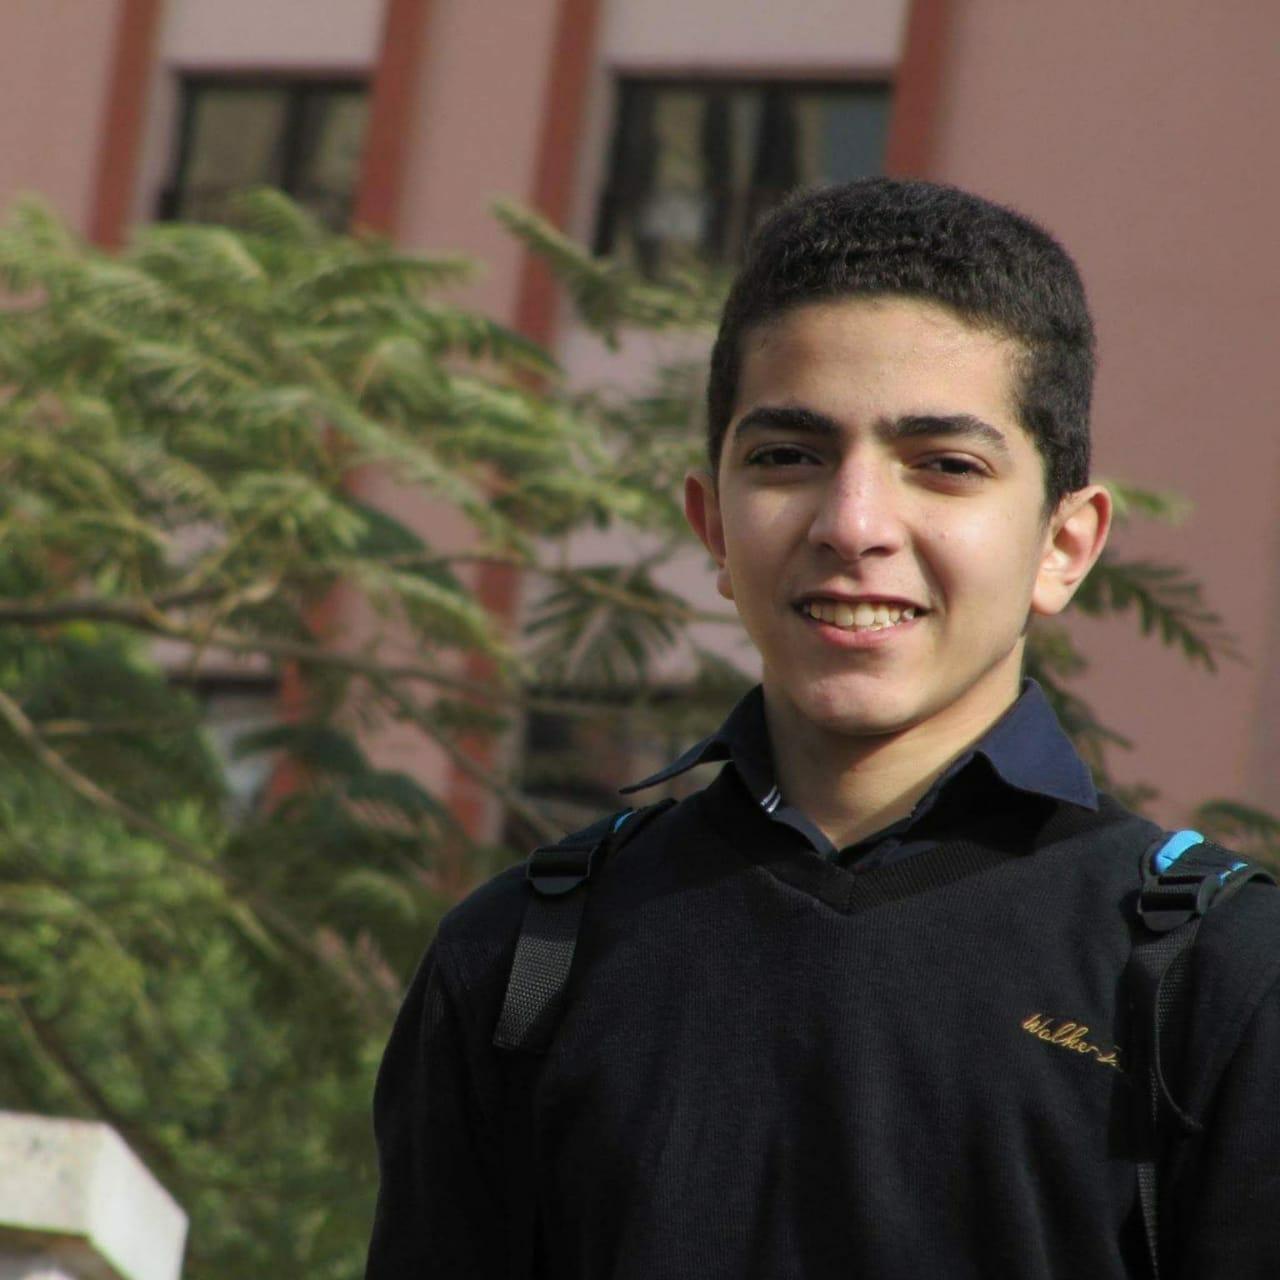 الطالب عمر جمال العربى السابع على الجمهورية بالثانوية العامة